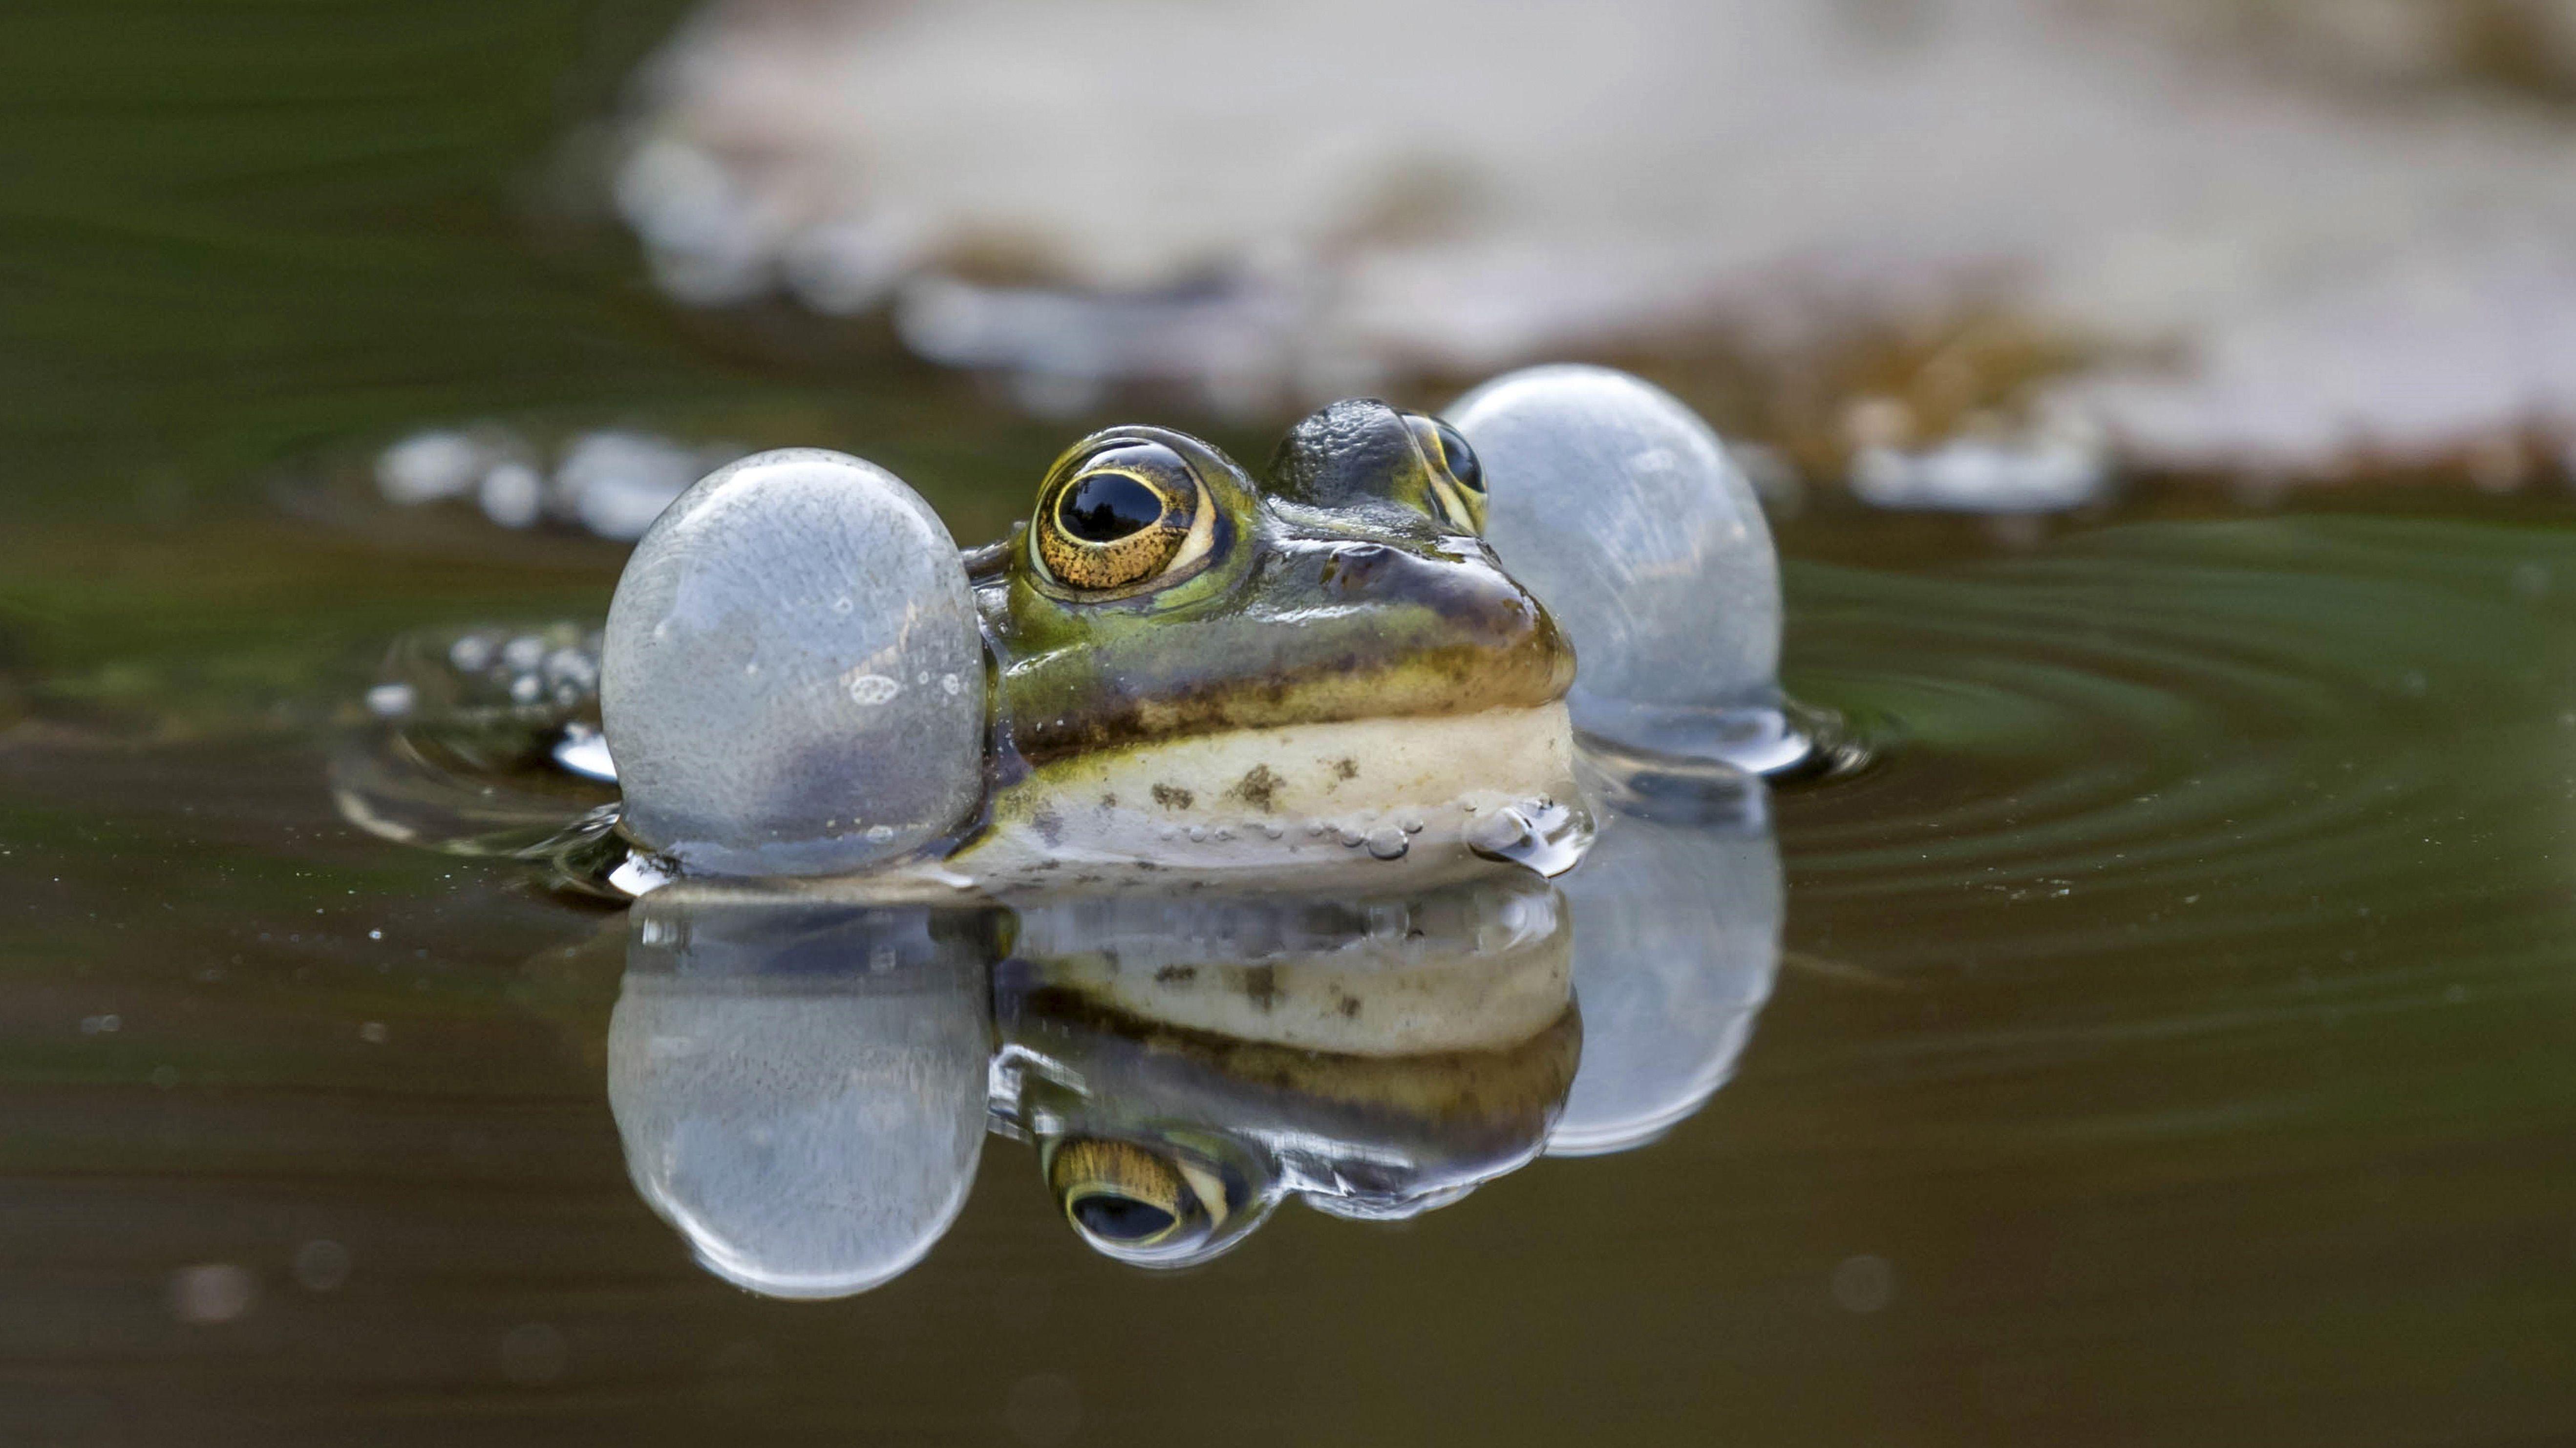 Quakendes Wasserfrosch-Männchen im Teich